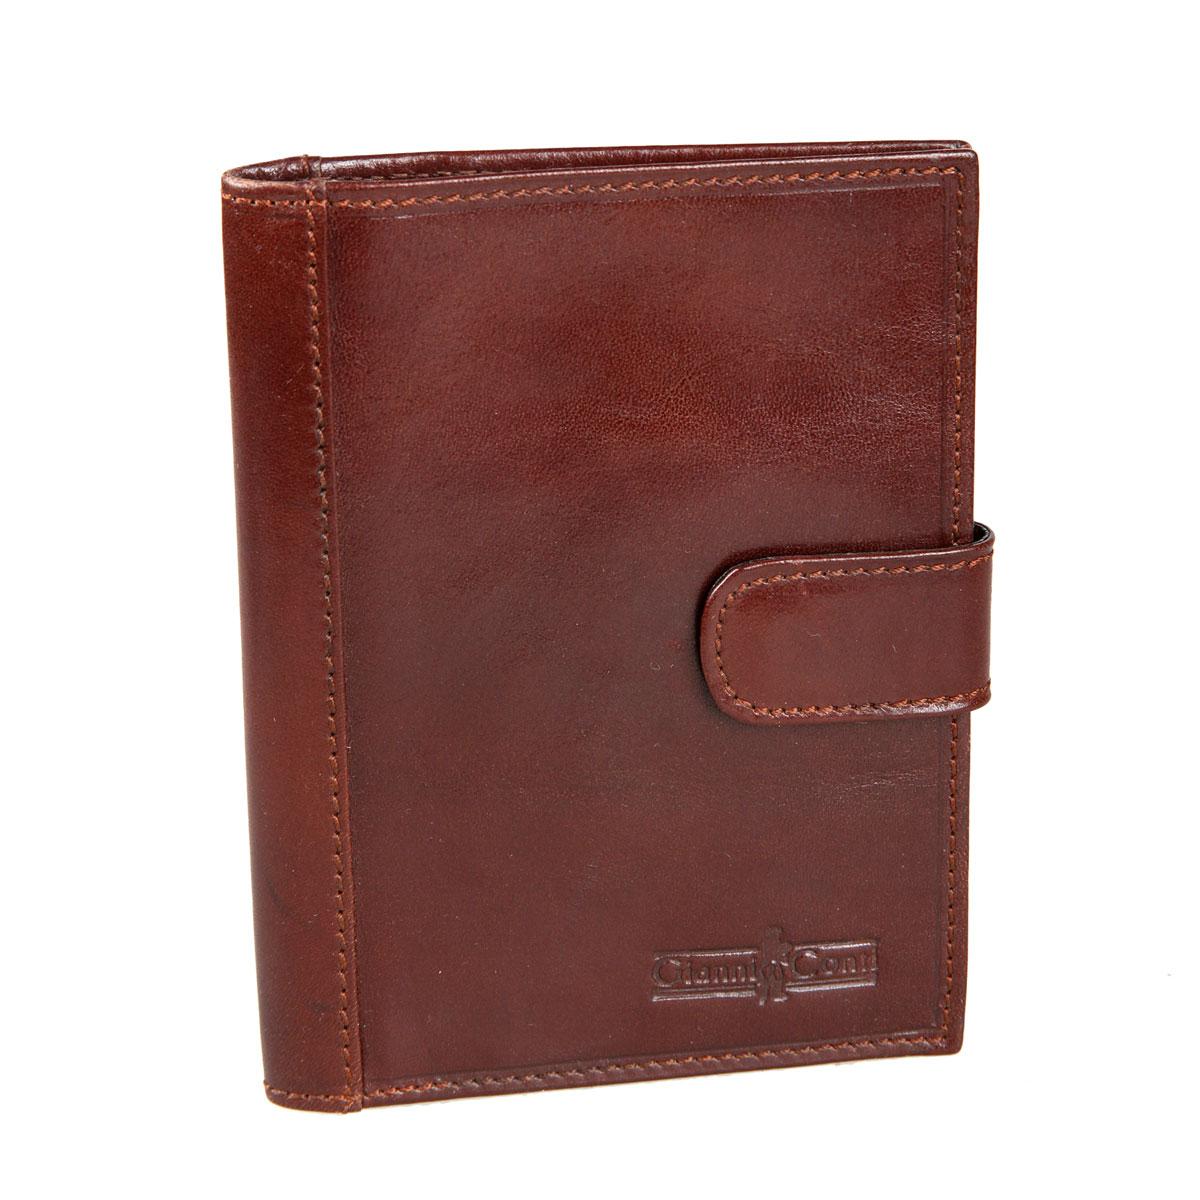 Обложка для паспорта мужская Gianni Conti, цвет: коричневый. 907035907035 brownСтильная обложка Gianni Conti выполнена из натуральной кожи и оформлена тиснением в виде названия бренда. На внутреннем развороте справа расположено шесть кармашков для пластиковых карт и визиток, потайной карман и карман для документов. Закрывается изделие с помощью хлястика с кнопкой. Обложка упакована в подарочную картонную коробку. Такая обложка не только поможет сохранить внешний вид ваших документов и защитит их от повреждений, но и станет стильным аксессуаром, который подчеркнет ваш образ.